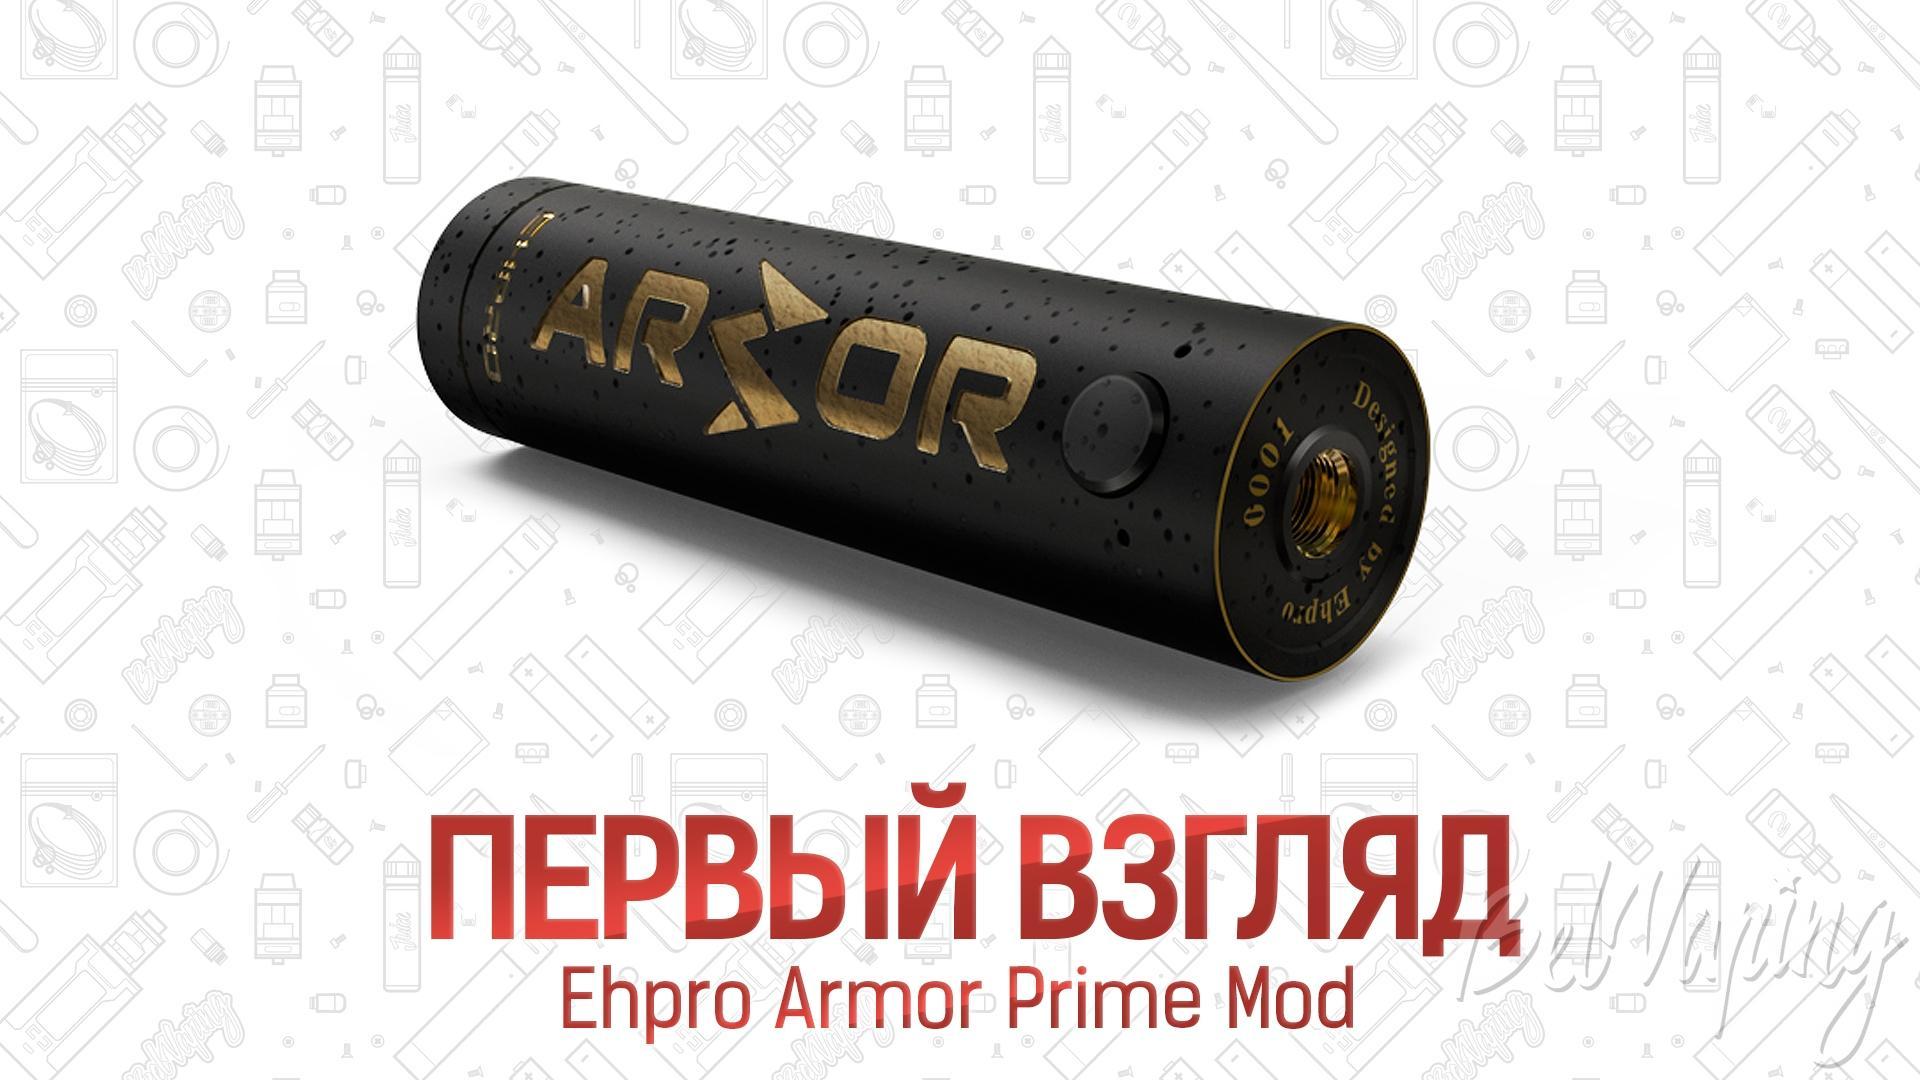 Ehpro Armor Prime Mod. Первый взгляд